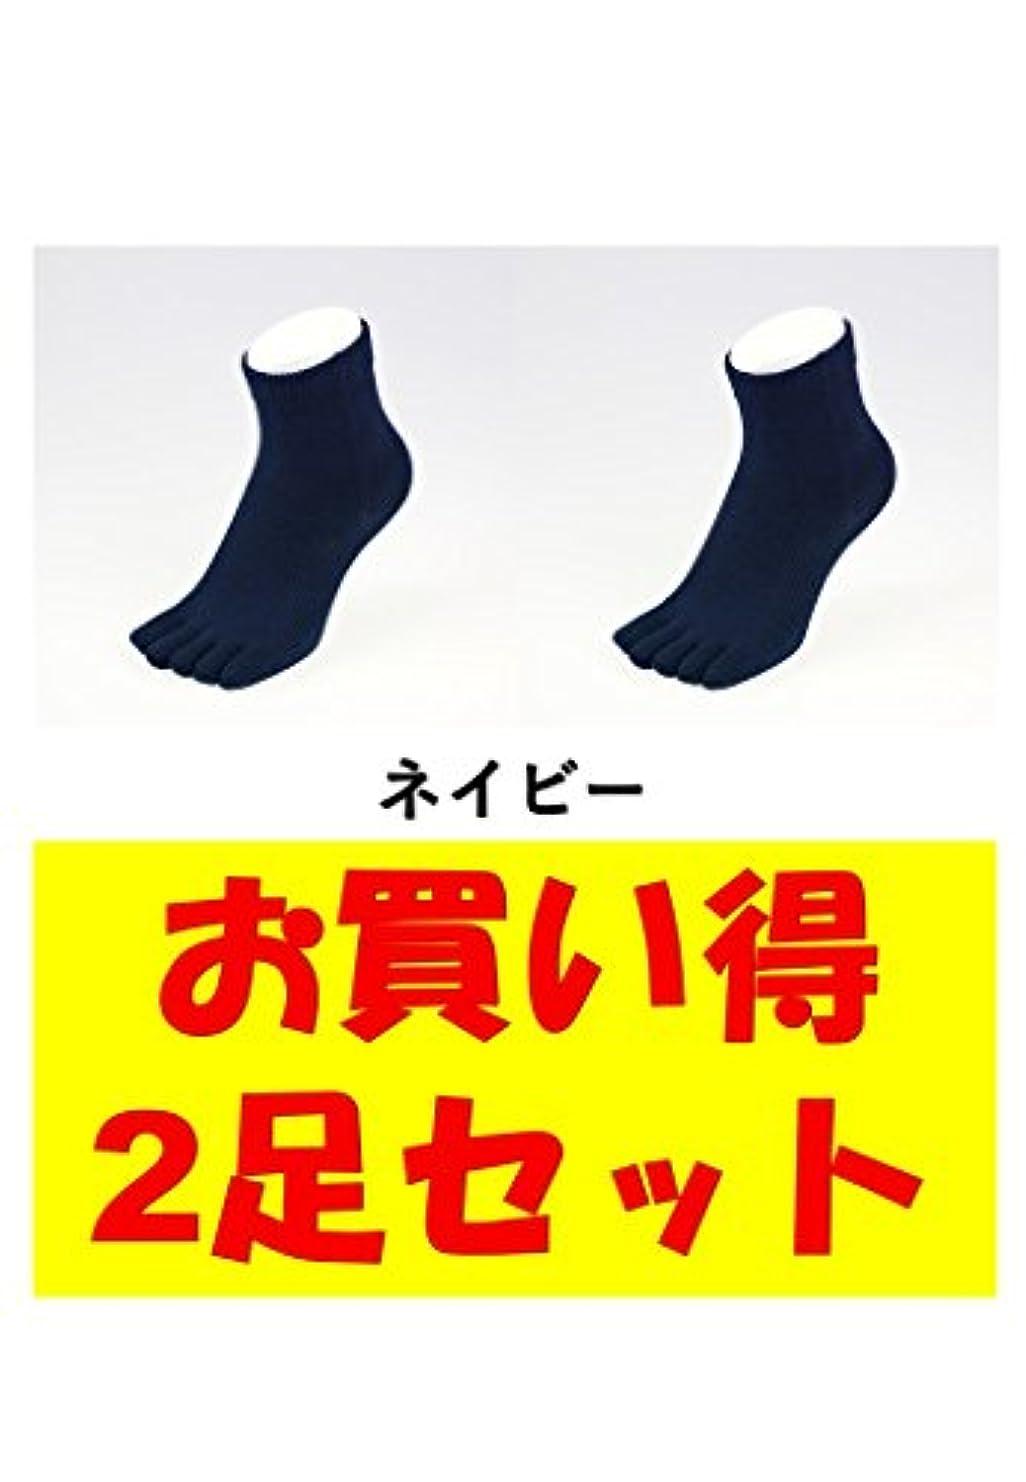 医学飼いならす胃お買い得2足セット 5本指 ゆびのばソックス Neo EVE(イヴ) ネイビー iサイズ(23.5cm - 25.5cm) YSNEVE-NVY